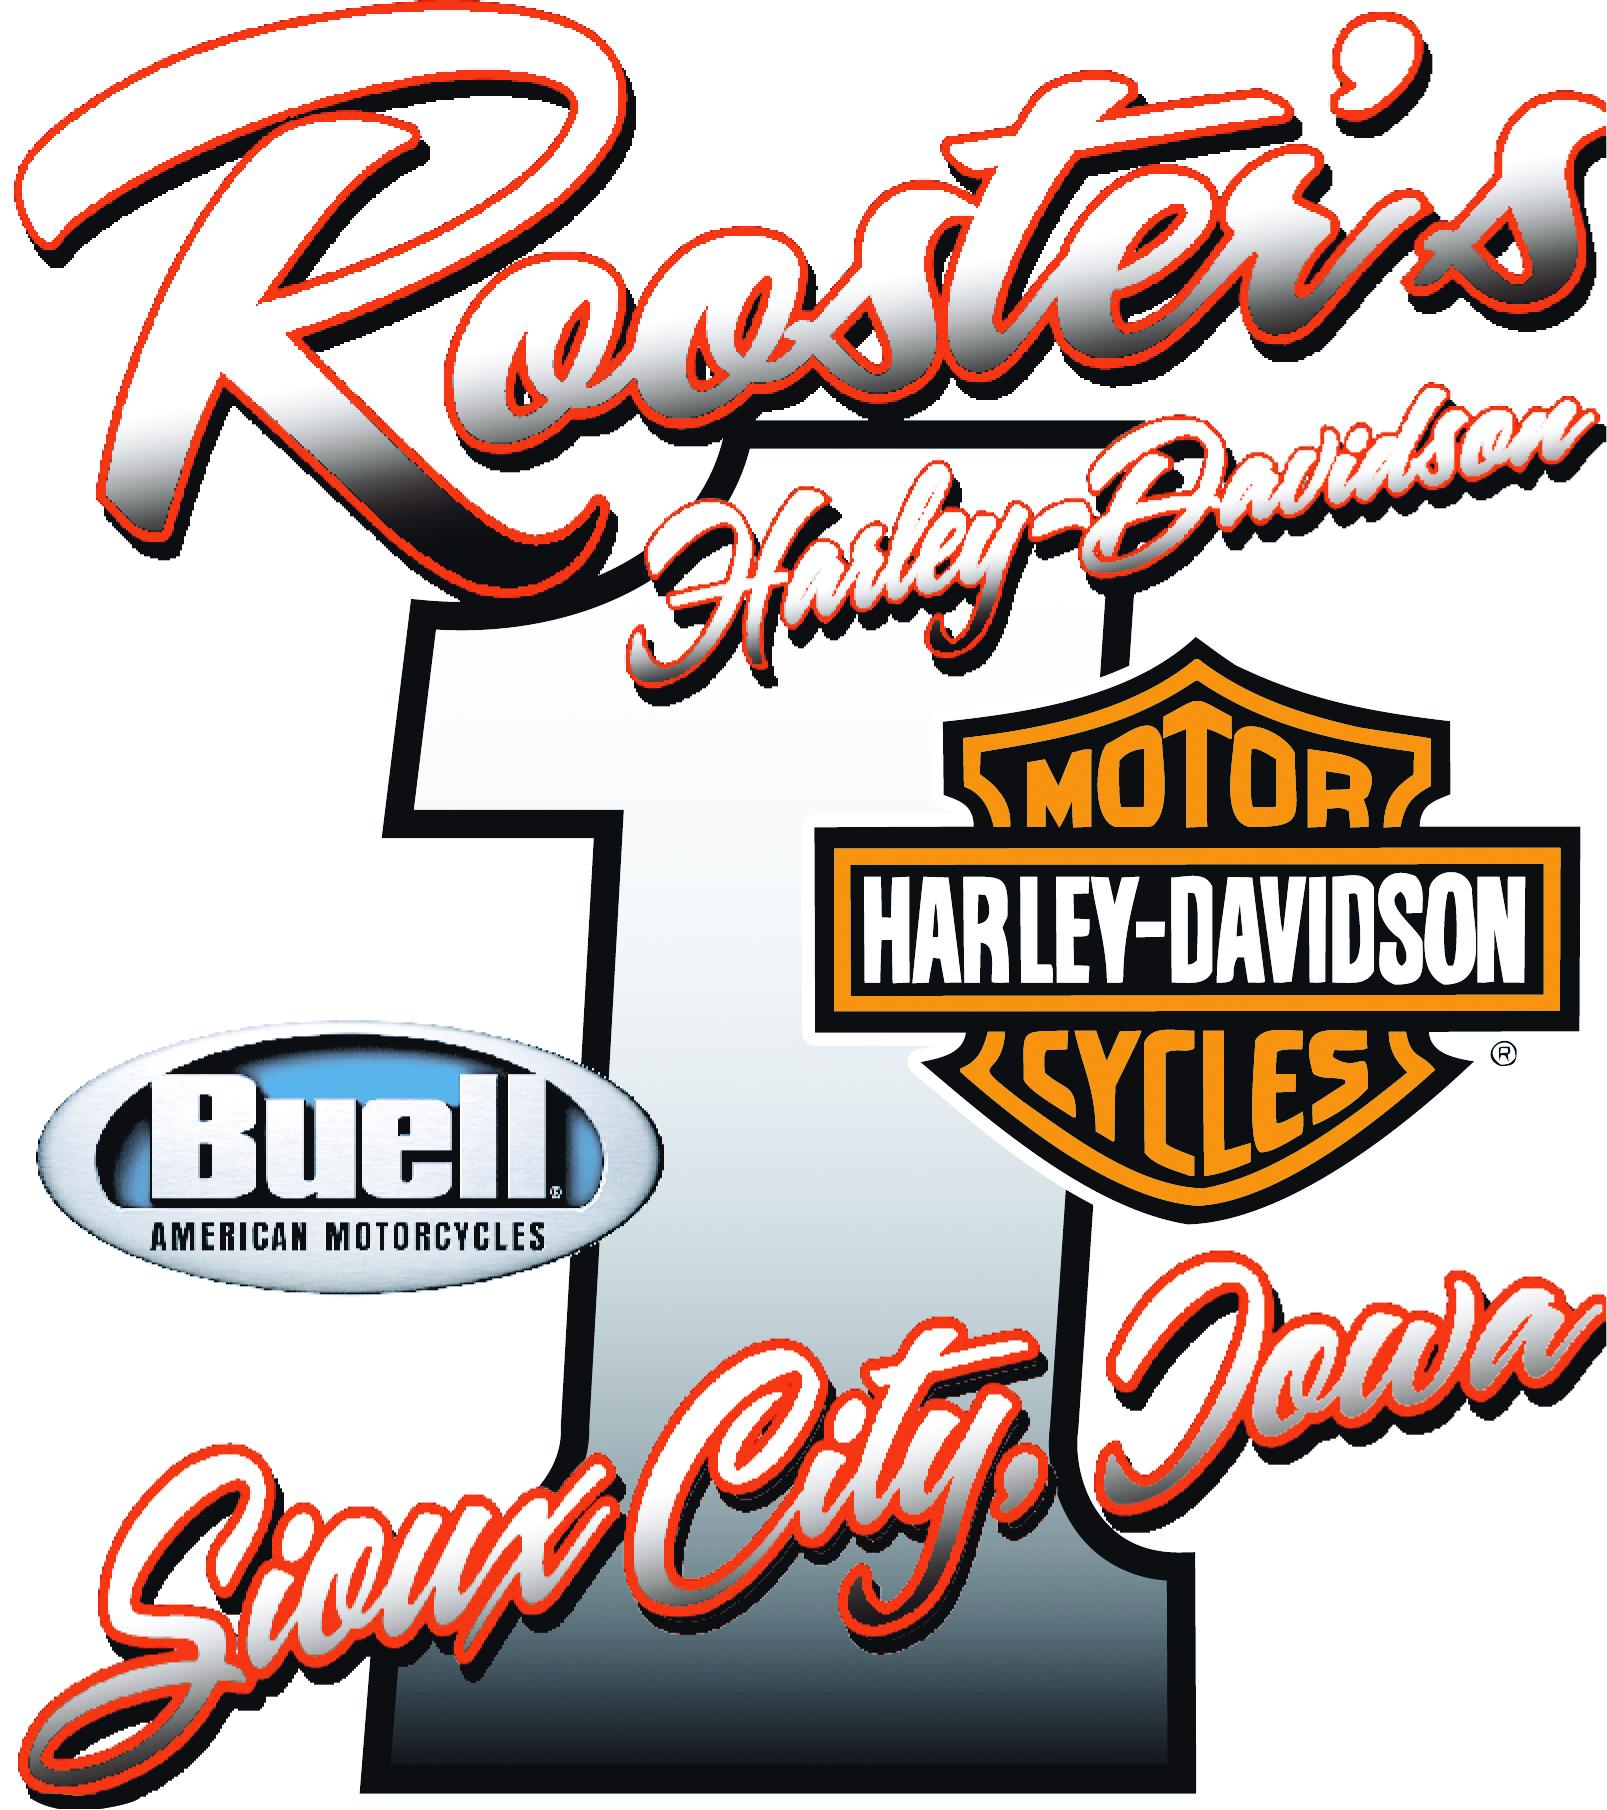 Rooster's Harley Davidson